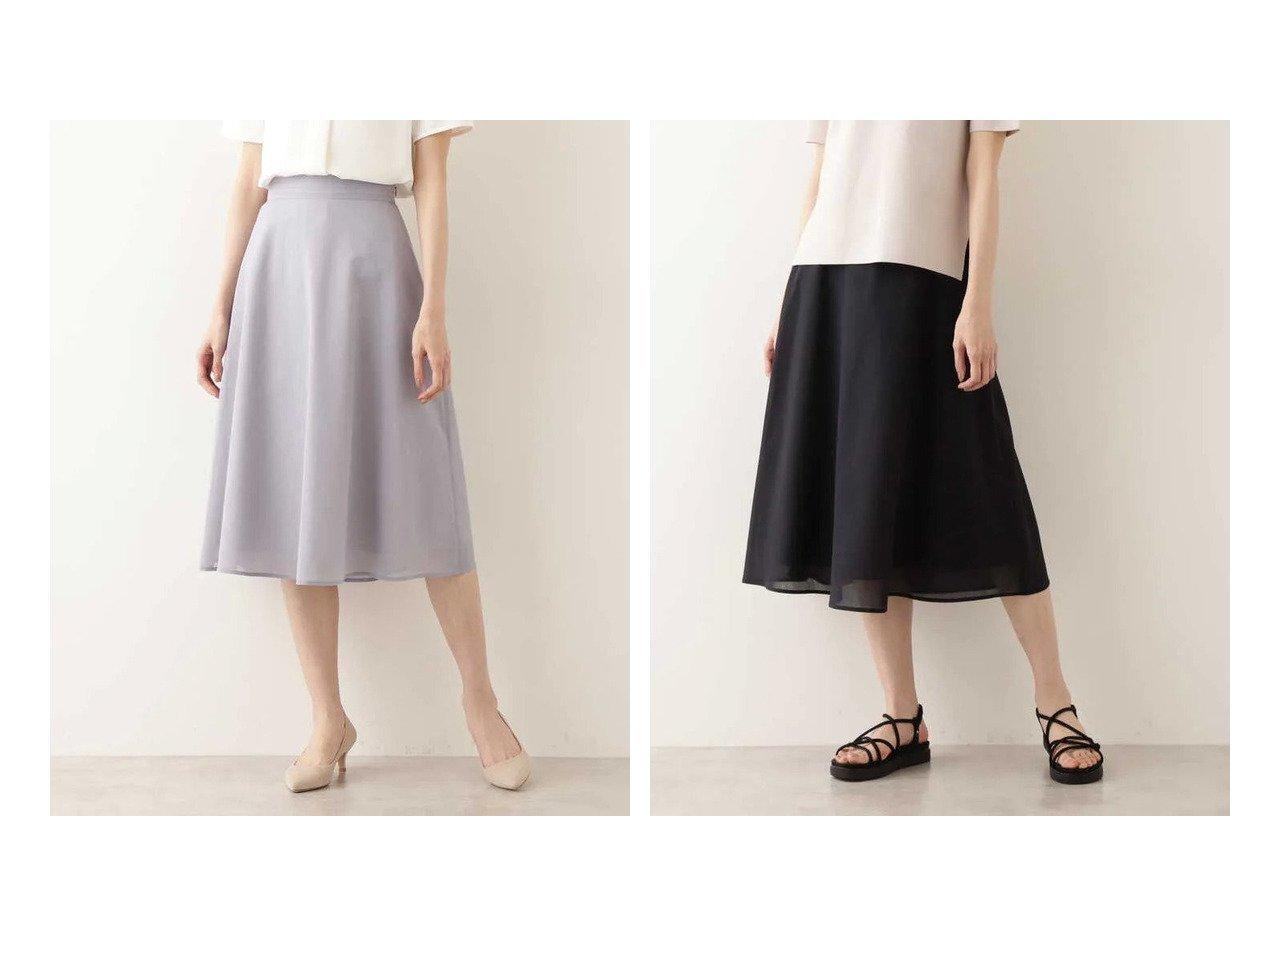 【NATURAL BEAUTY BASIC/ナチュラル ビューティー ベーシック】のリネンライクシアースカート 【スカート】おすすめ!人気、トレンド・レディースファッションの通販 おすすめで人気の流行・トレンド、ファッションの通販商品 インテリア・家具・メンズファッション・キッズファッション・レディースファッション・服の通販 founy(ファニー) https://founy.com/ ファッション Fashion レディースファッション WOMEN スカート Skirt シアー フレア |ID:crp329100000045138